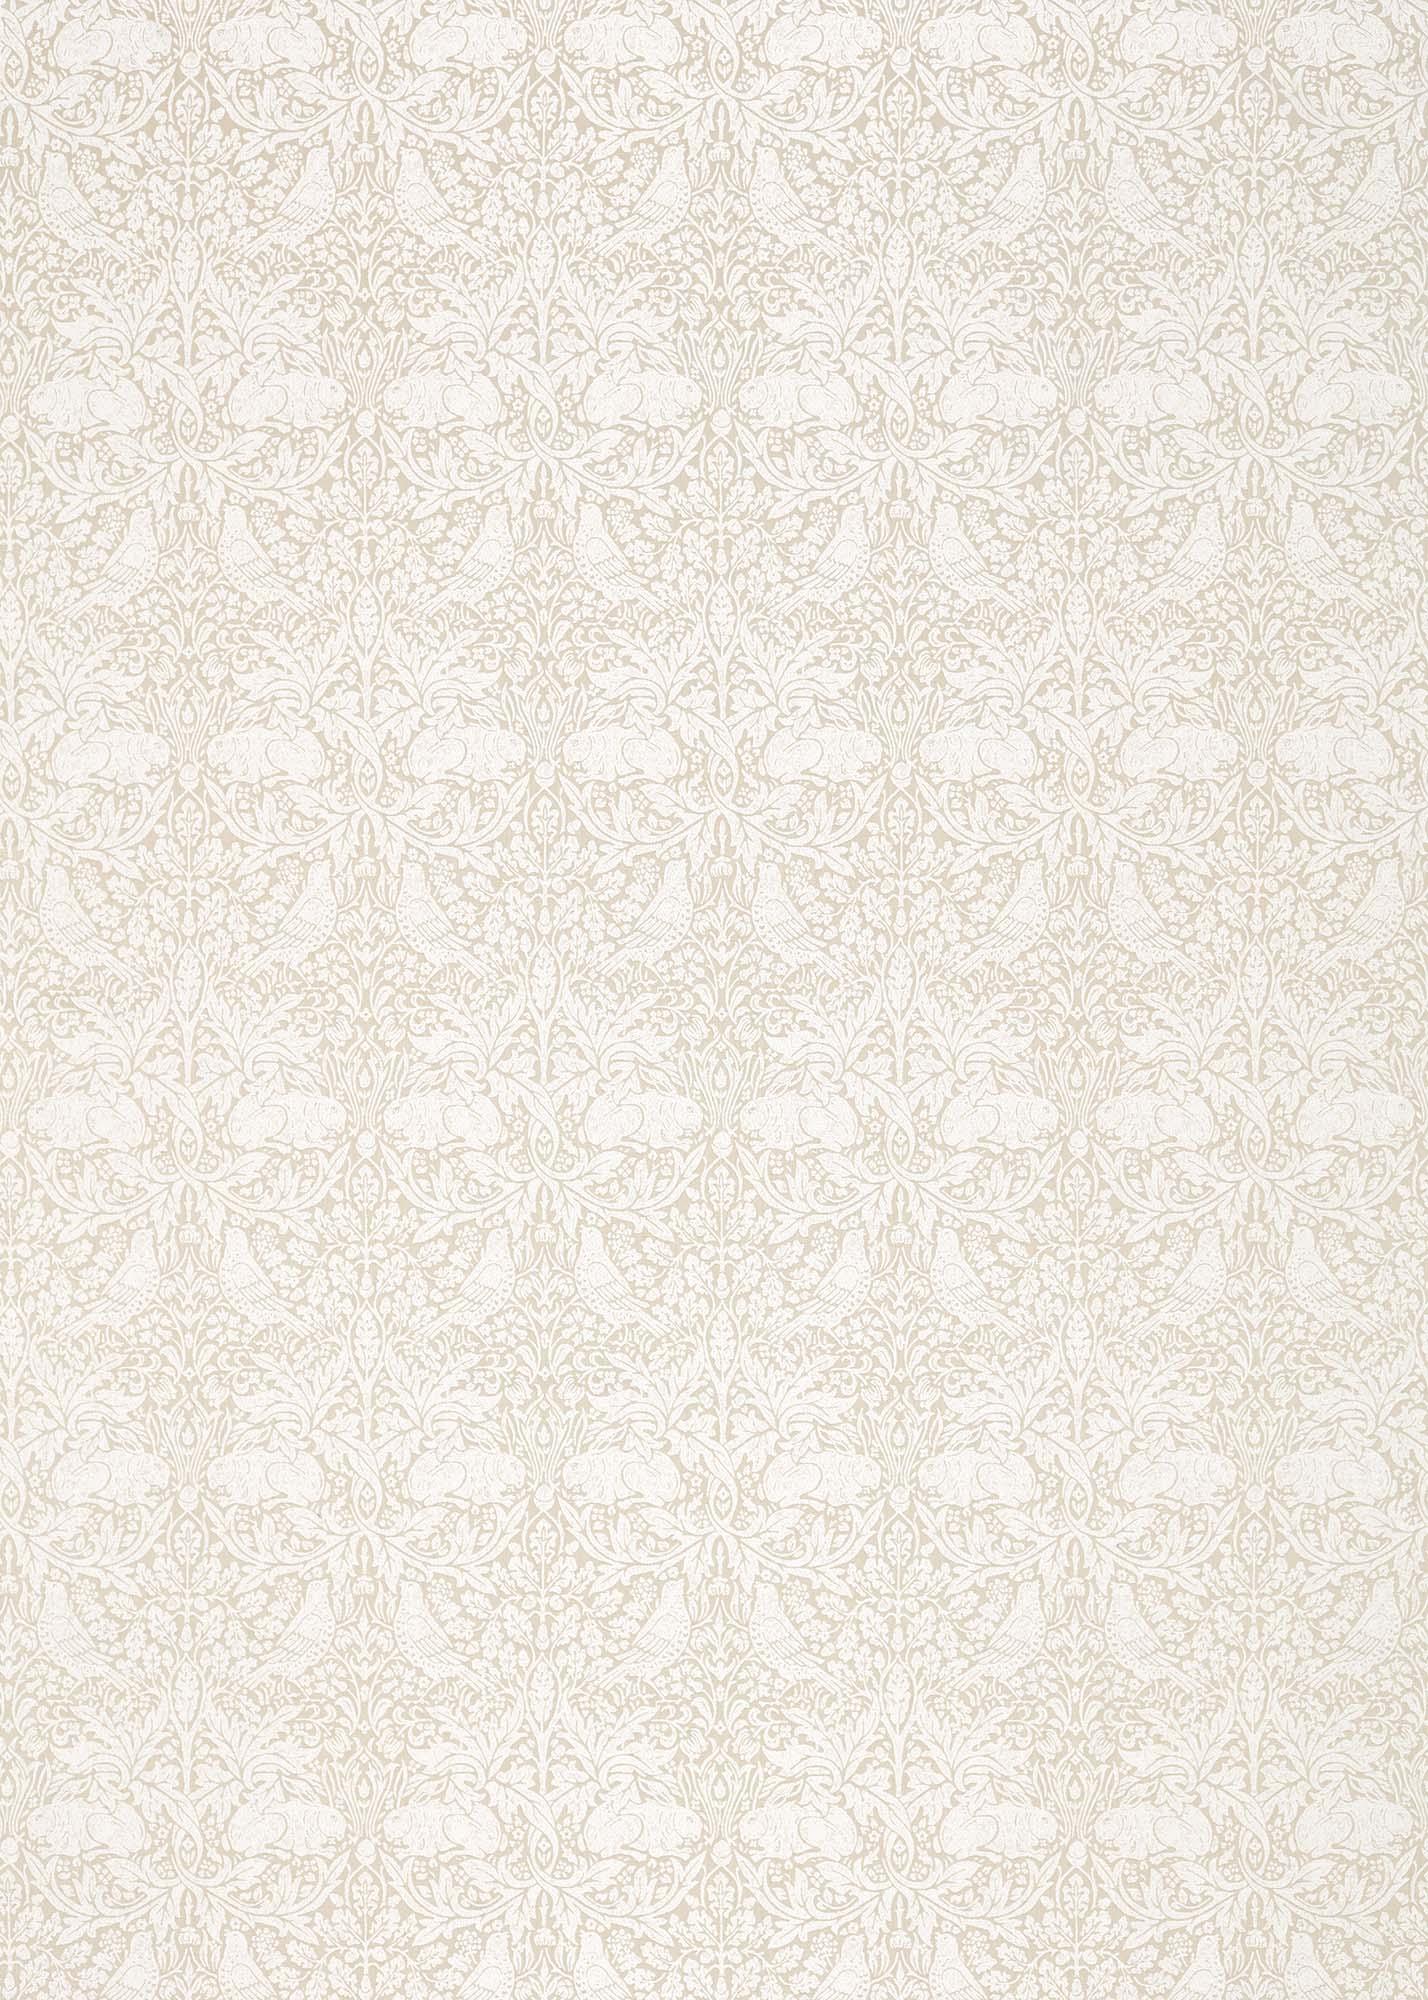 ウィリアムモリス生地 Pure Brer Rabbit Weave 236627